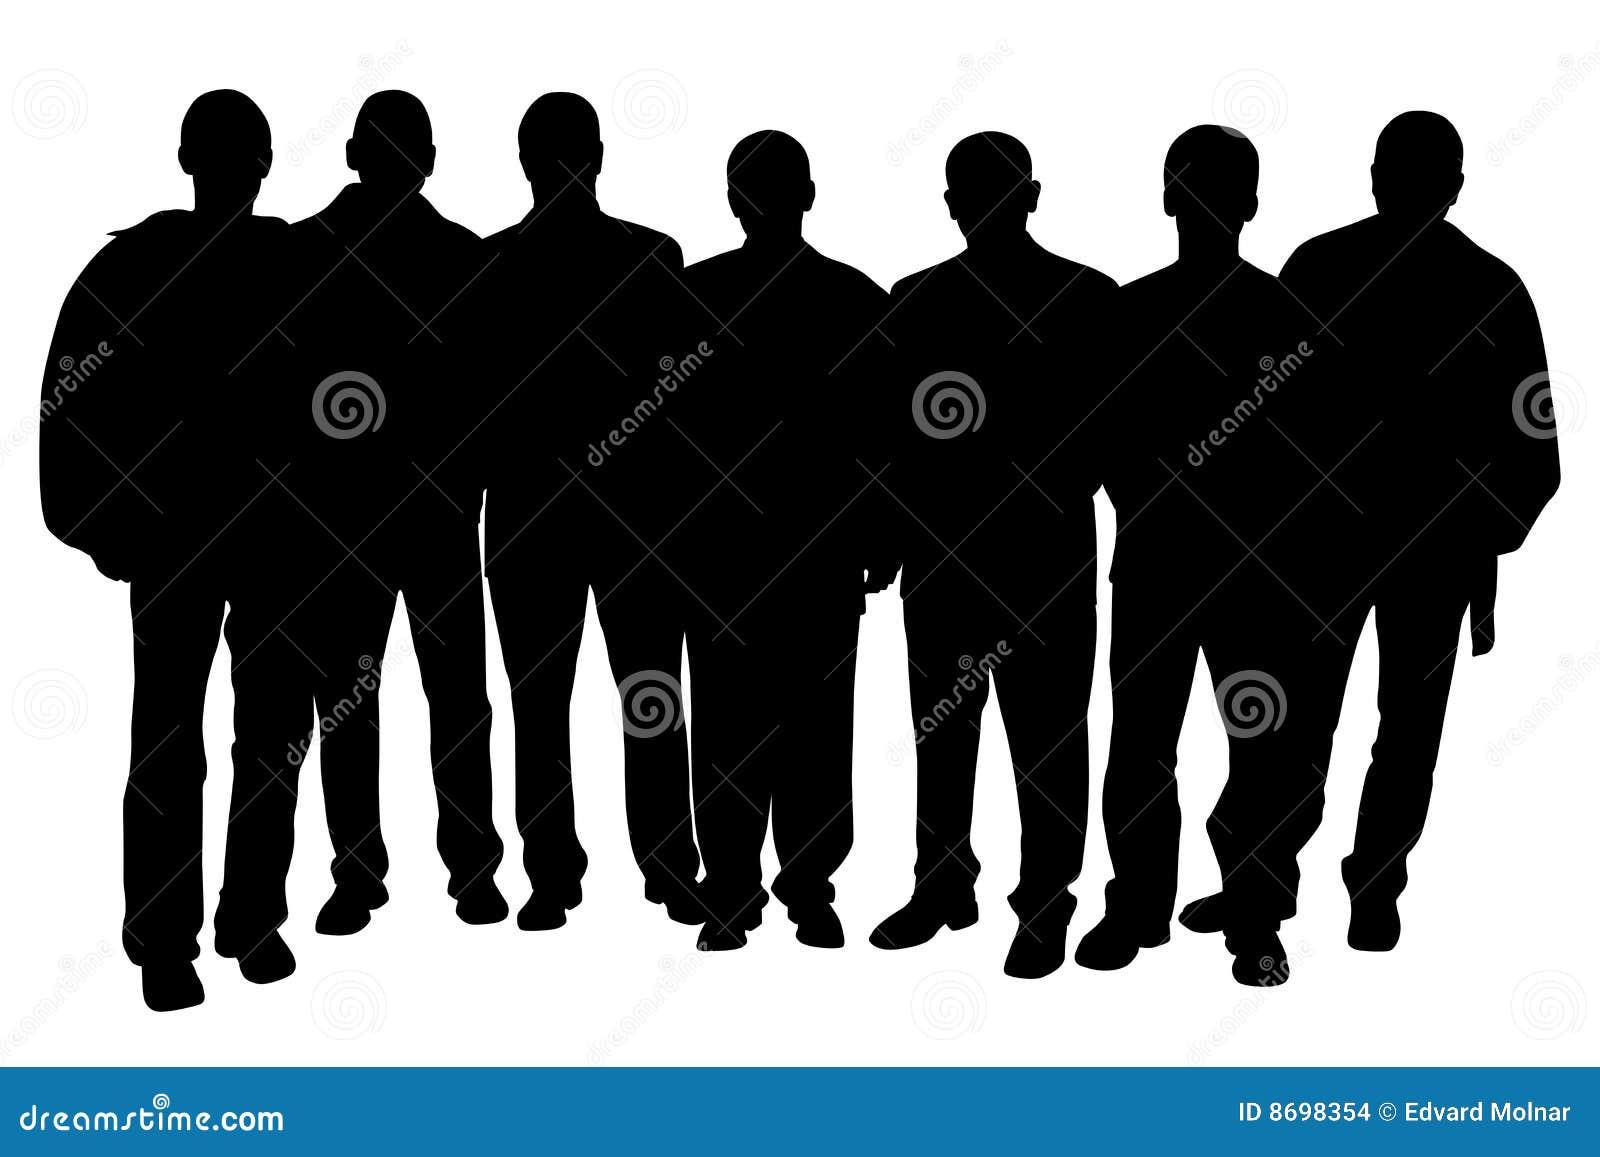 Groep Mensen Vector Illustratie. Illustratie Bestaande Uit